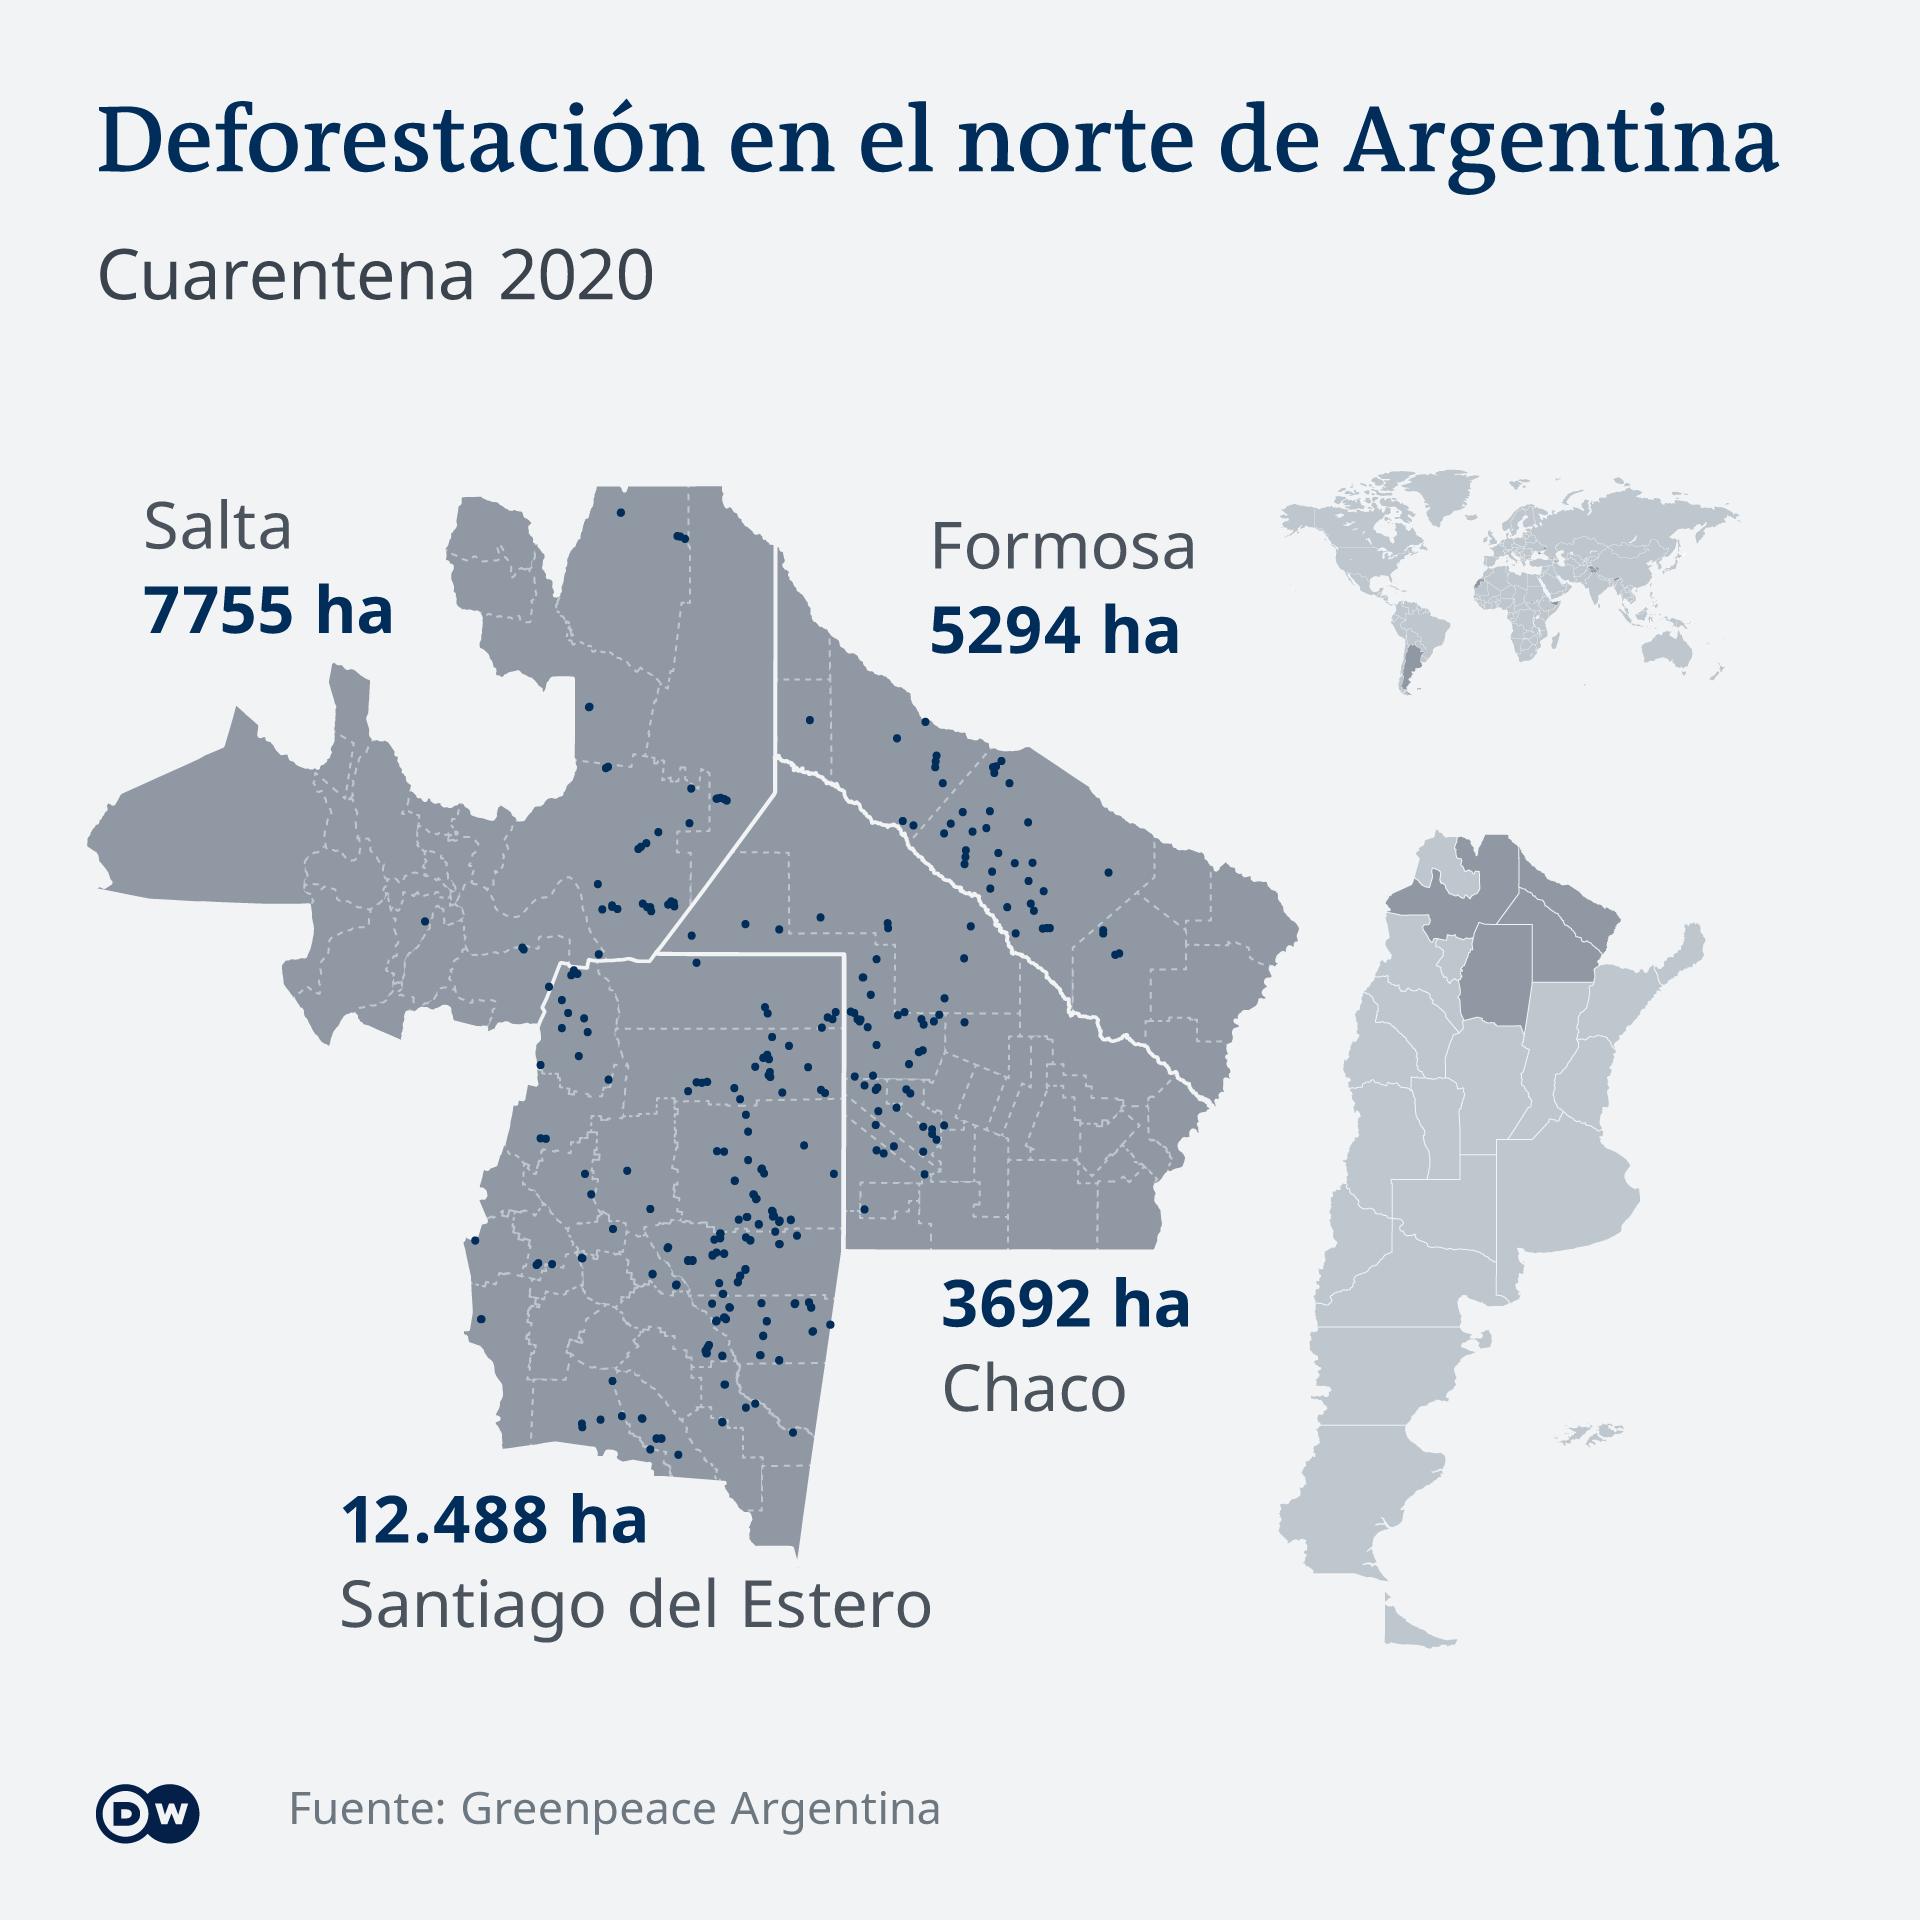 Concentración de la deforestación en el norte del país. Según la organización ecologista se han destruido 38.852 hectáreas de bosques nativos.